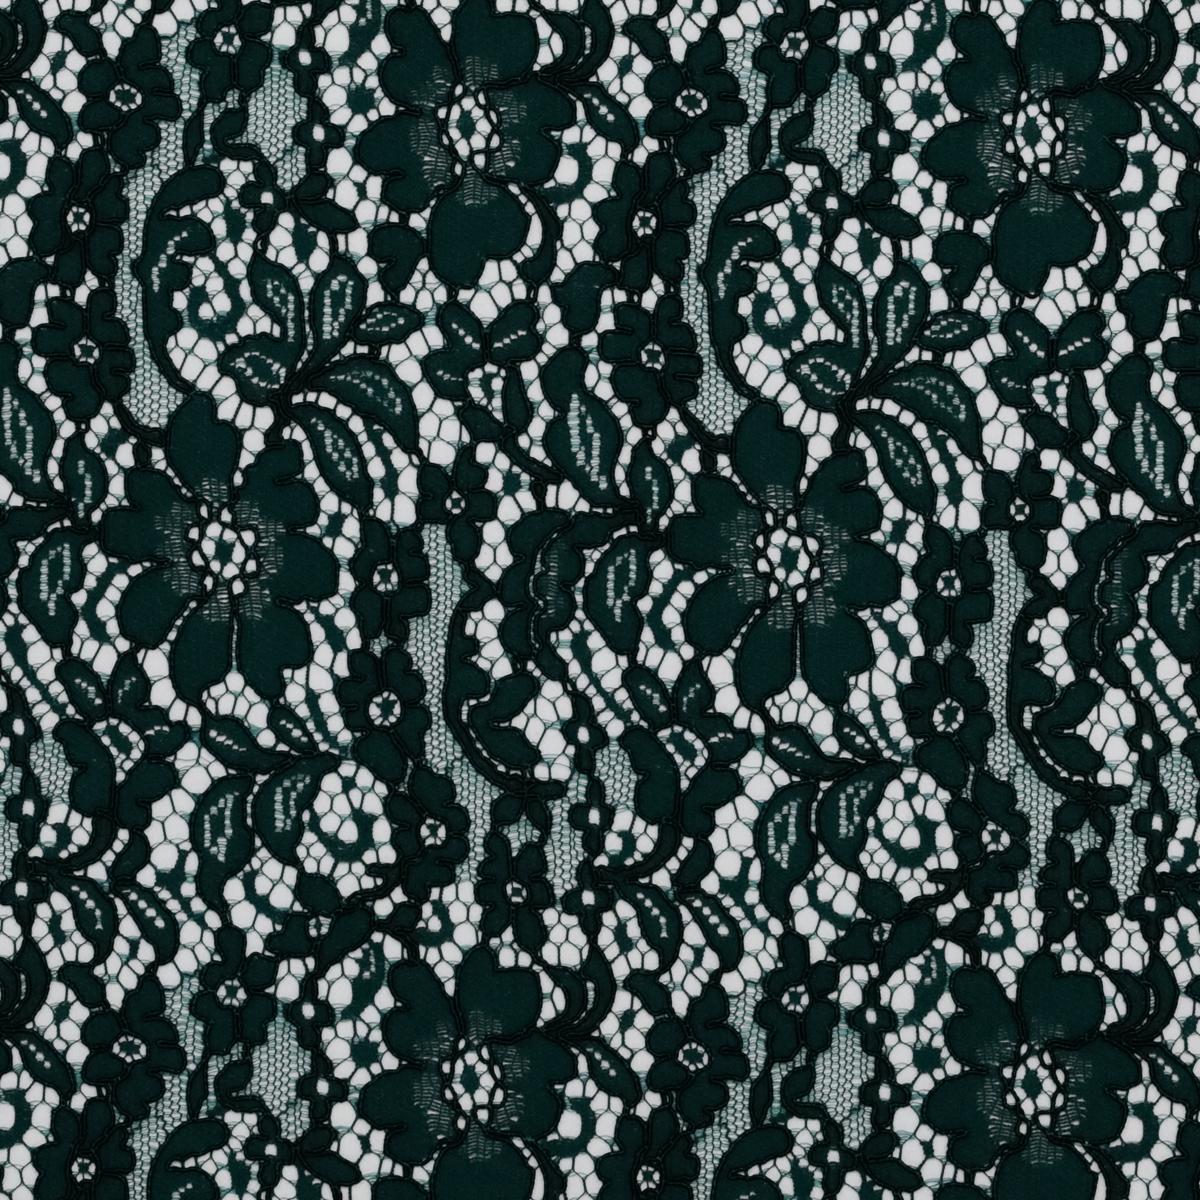 Хлопково-вискозное кордовое кружево тёмно-зеленого цвета